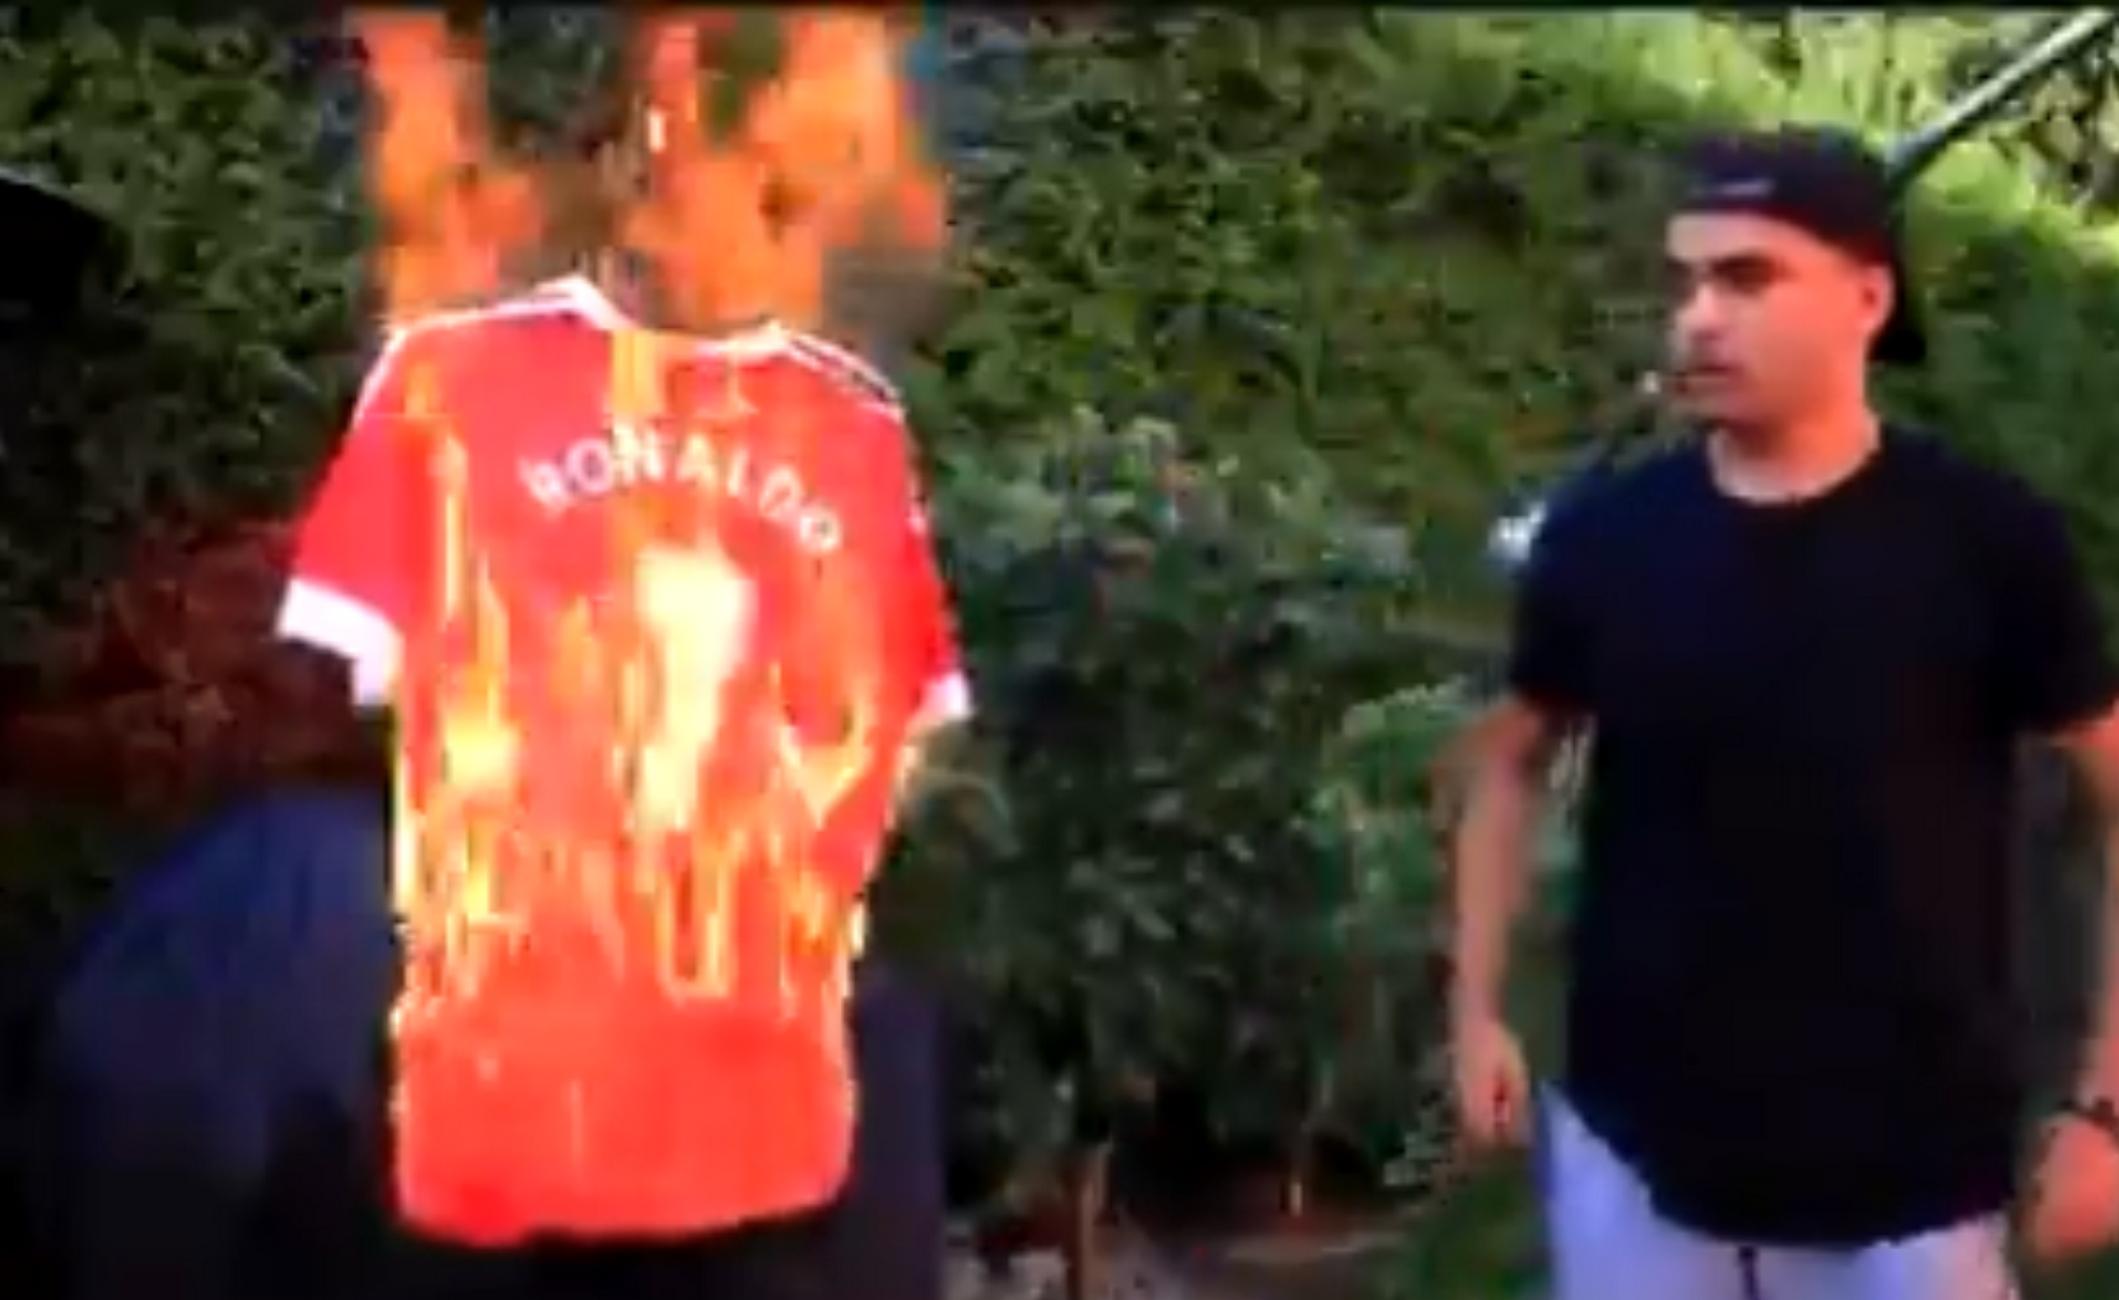 Απίστευτο: Οπαδός της Γιουνάιτεντ βιάστηκε κι έκαψε τσάμπα τη φανέλα του Κριστιάνο Ρονάλντο